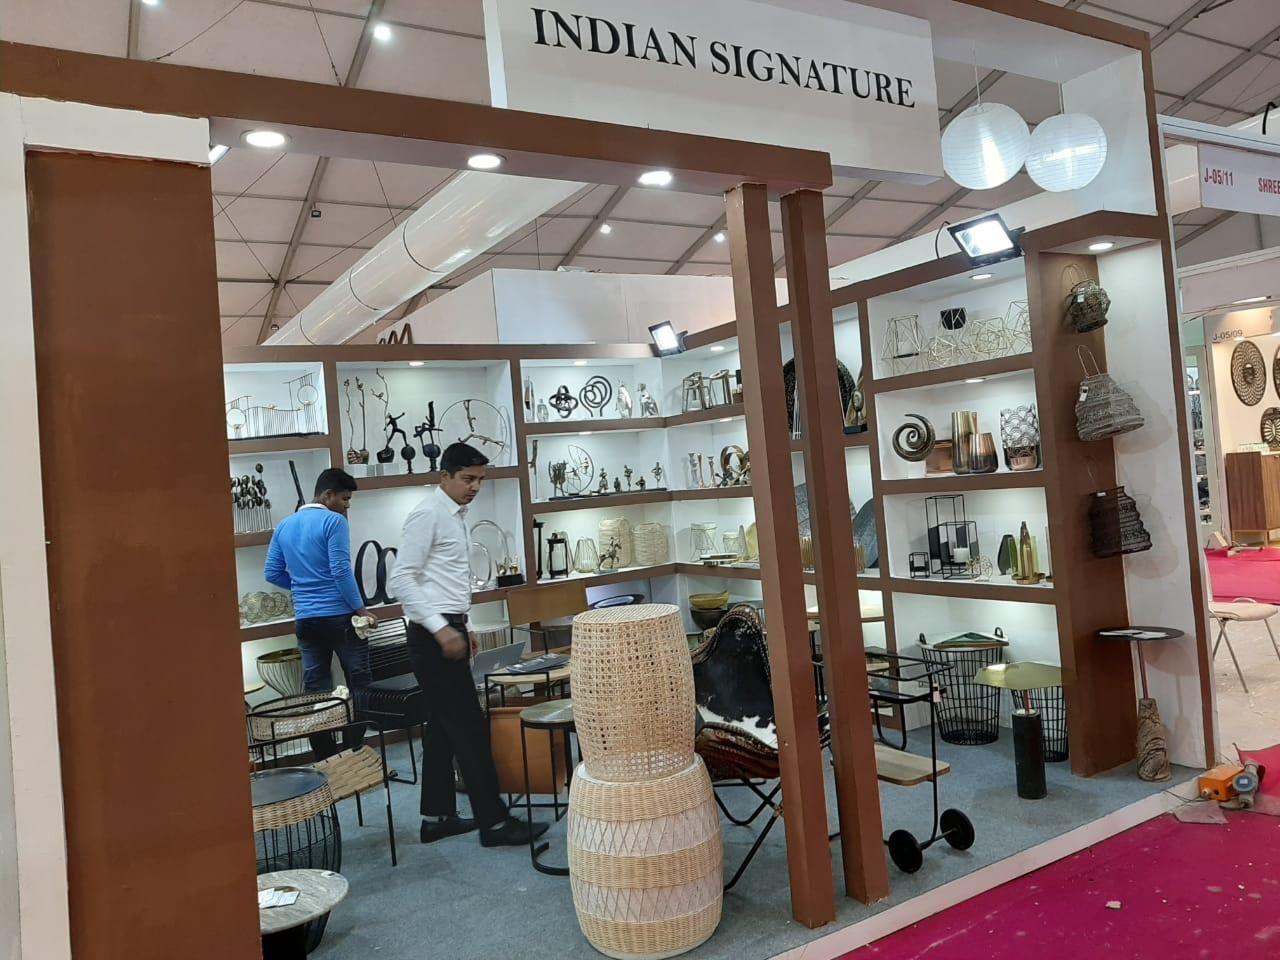 INDIAN SIGNATURE